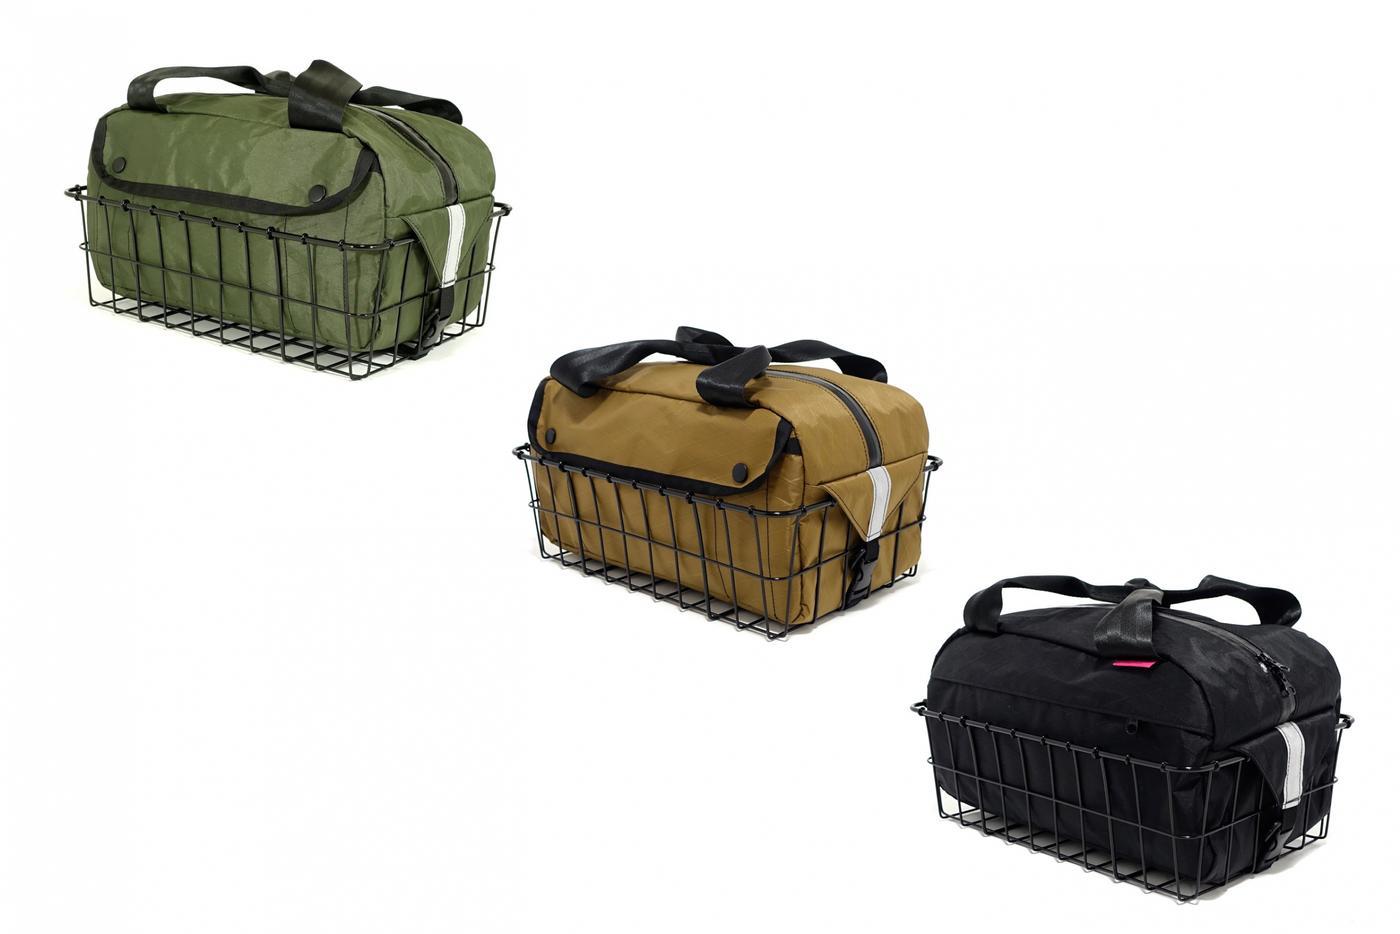 The Swift Industries Motherloaf Wald 139 Basket Bag Has Landed